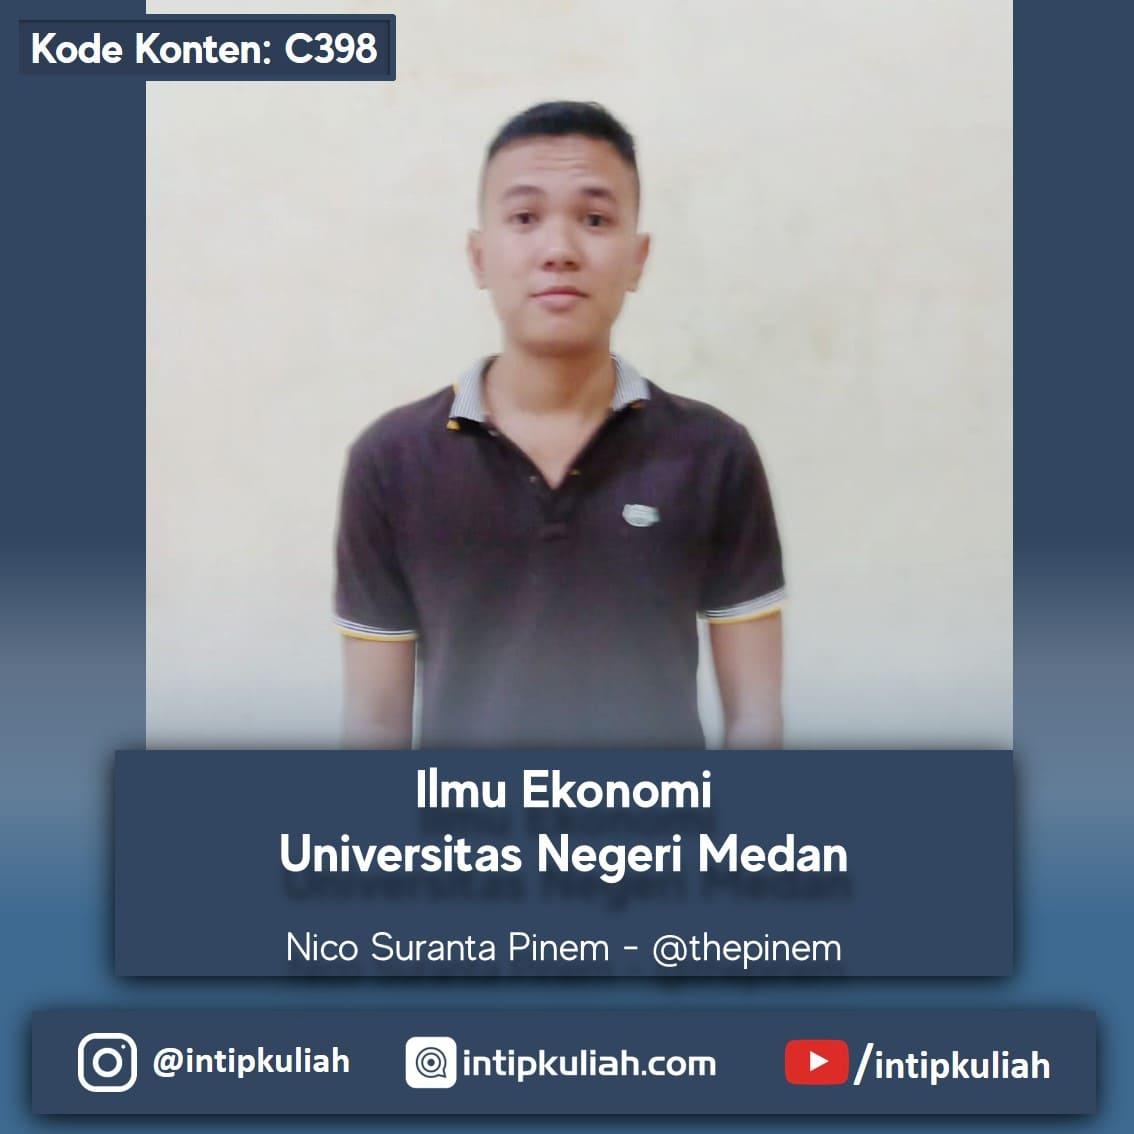 Ilmu Ekonomi Universitas Negeri Medan (Nico)